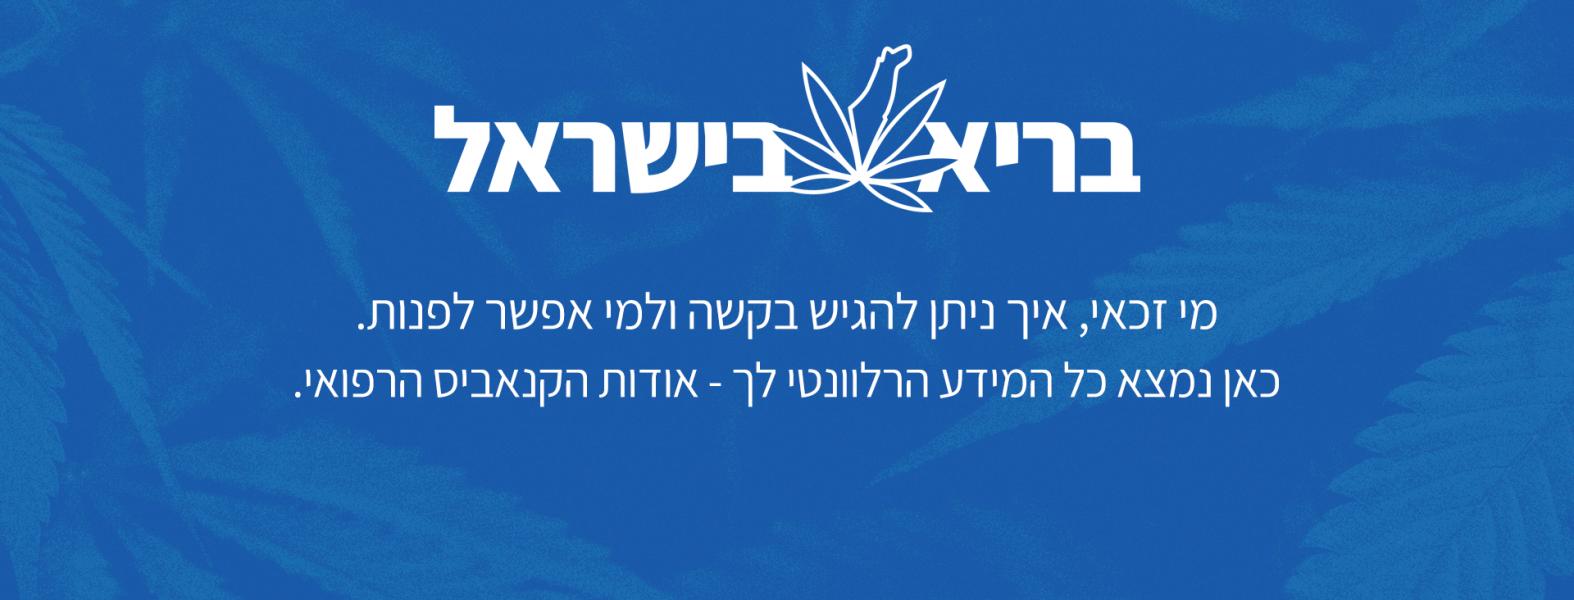 בריא בישראל - קנאביס רפואי